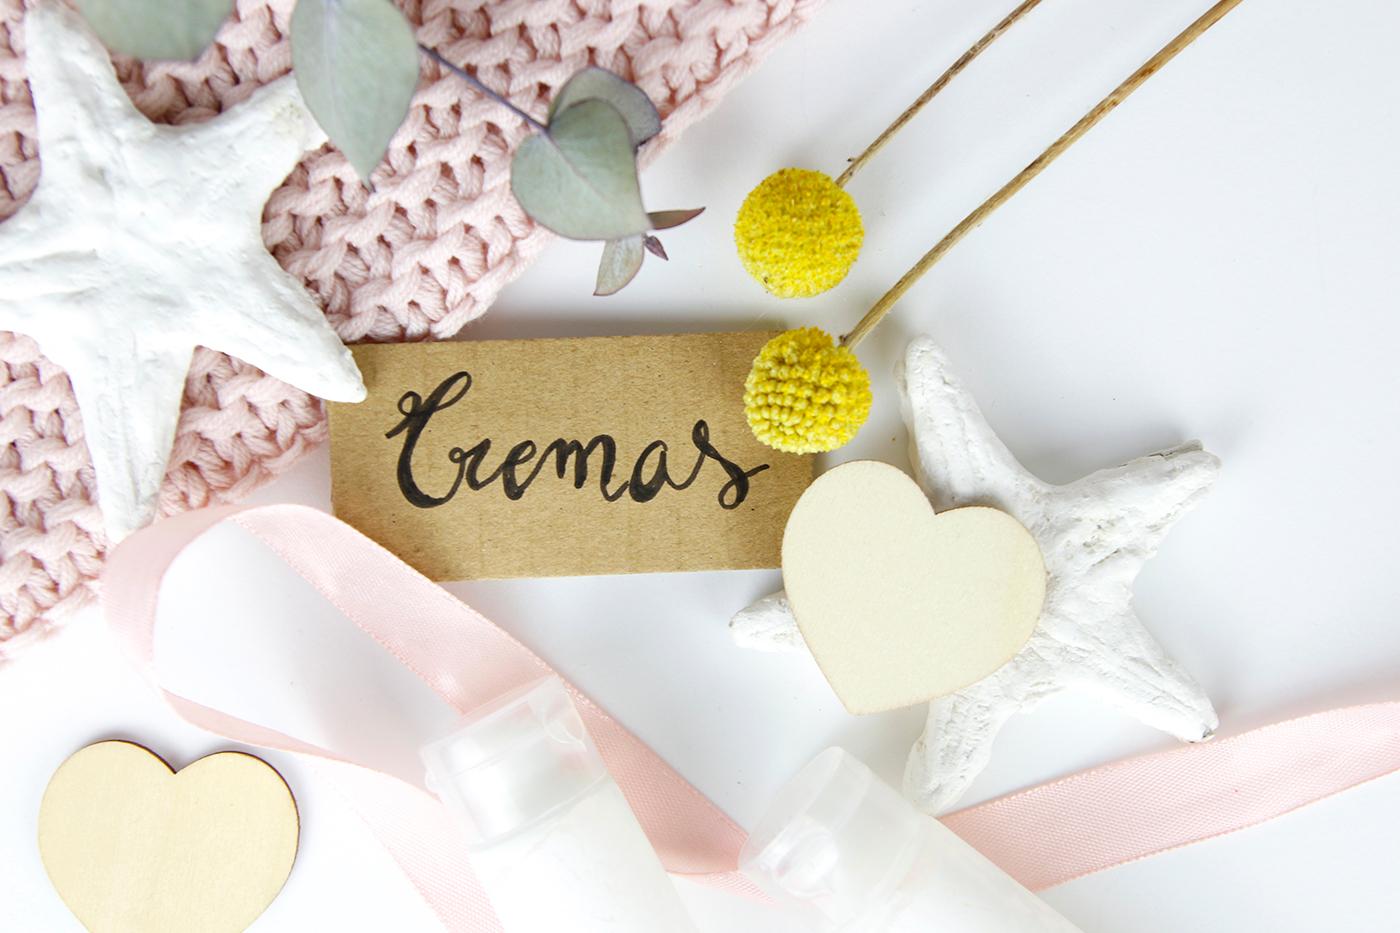 curso online de cremas